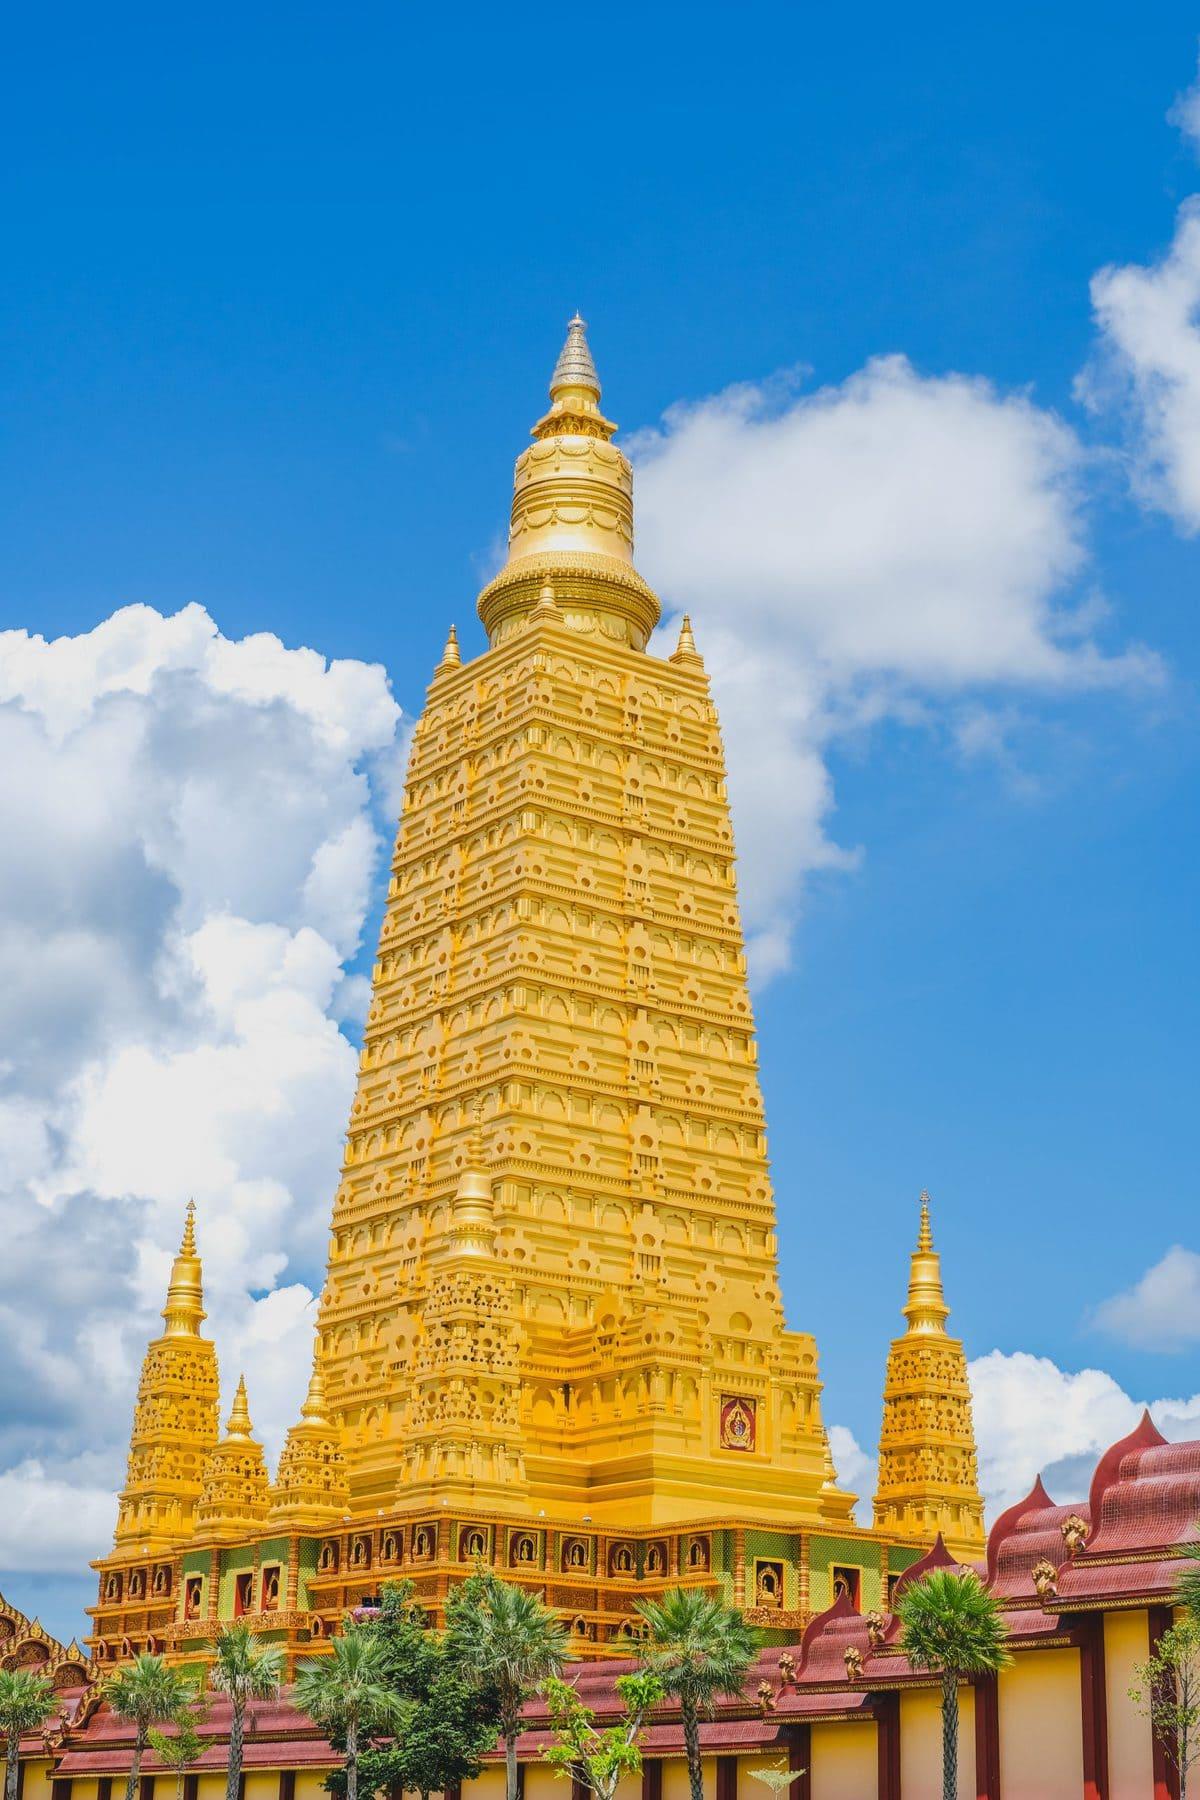 bang tong pagoda